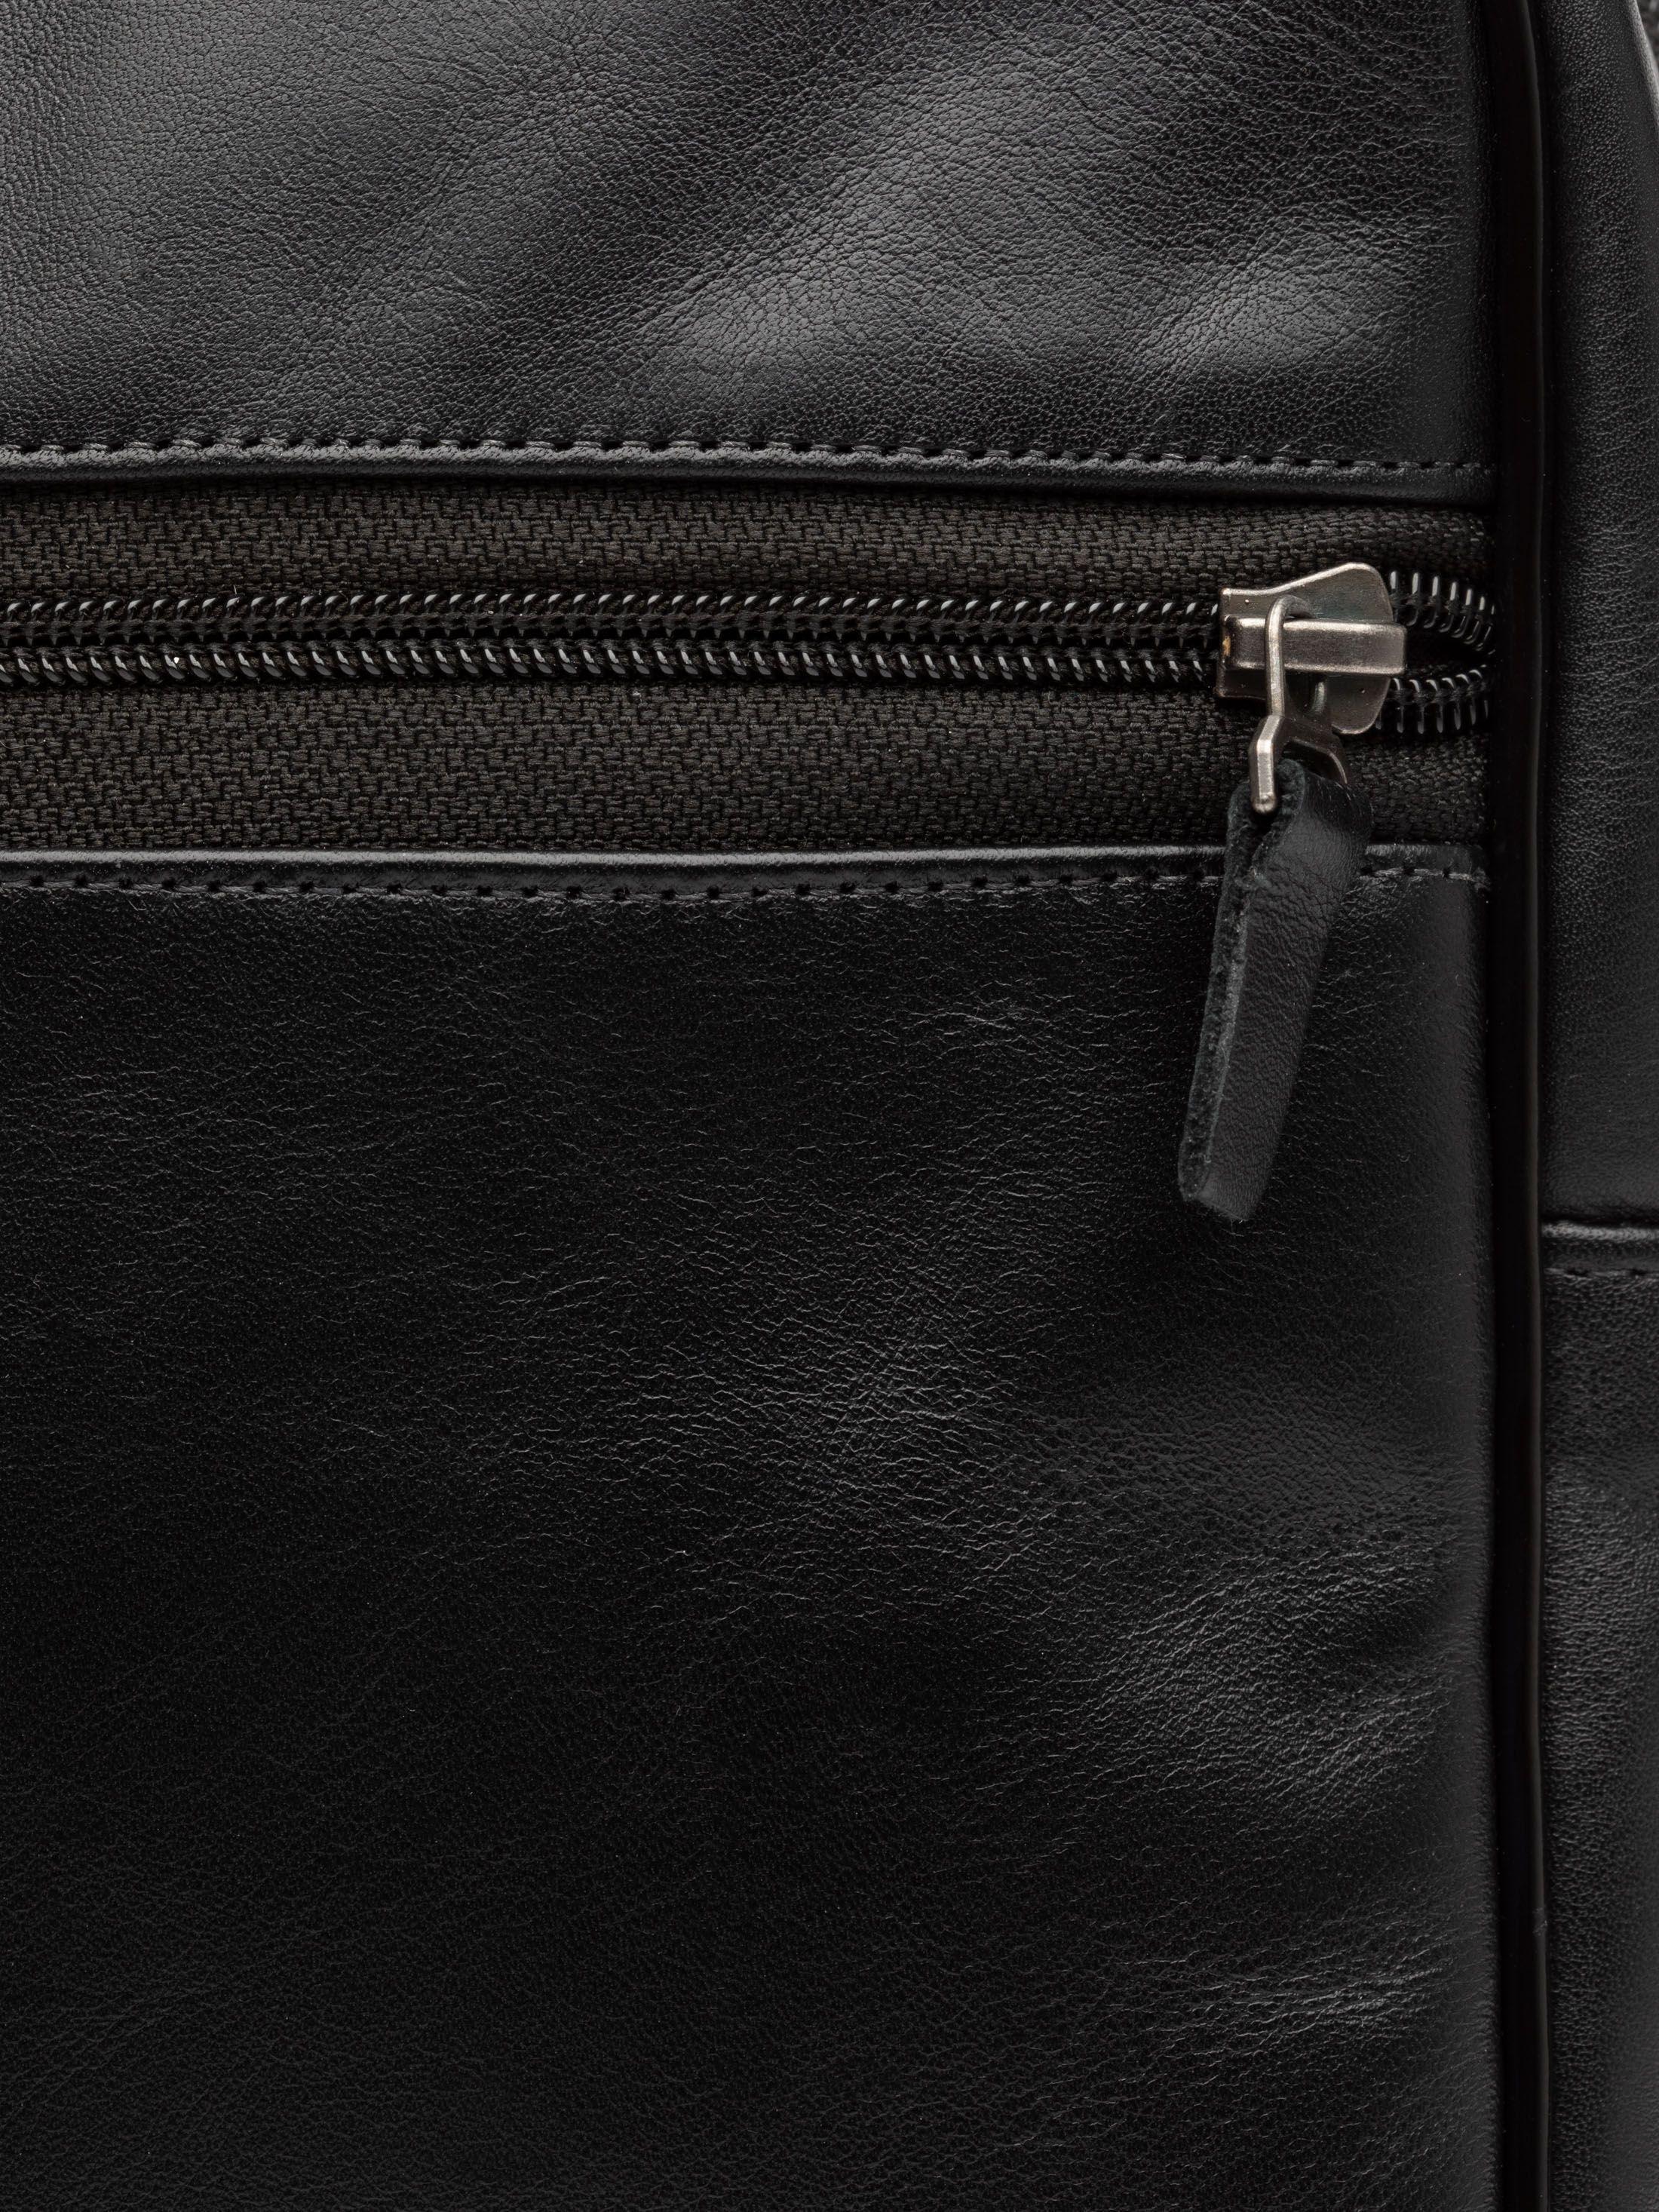 disegna il tuo borsello personalizzato